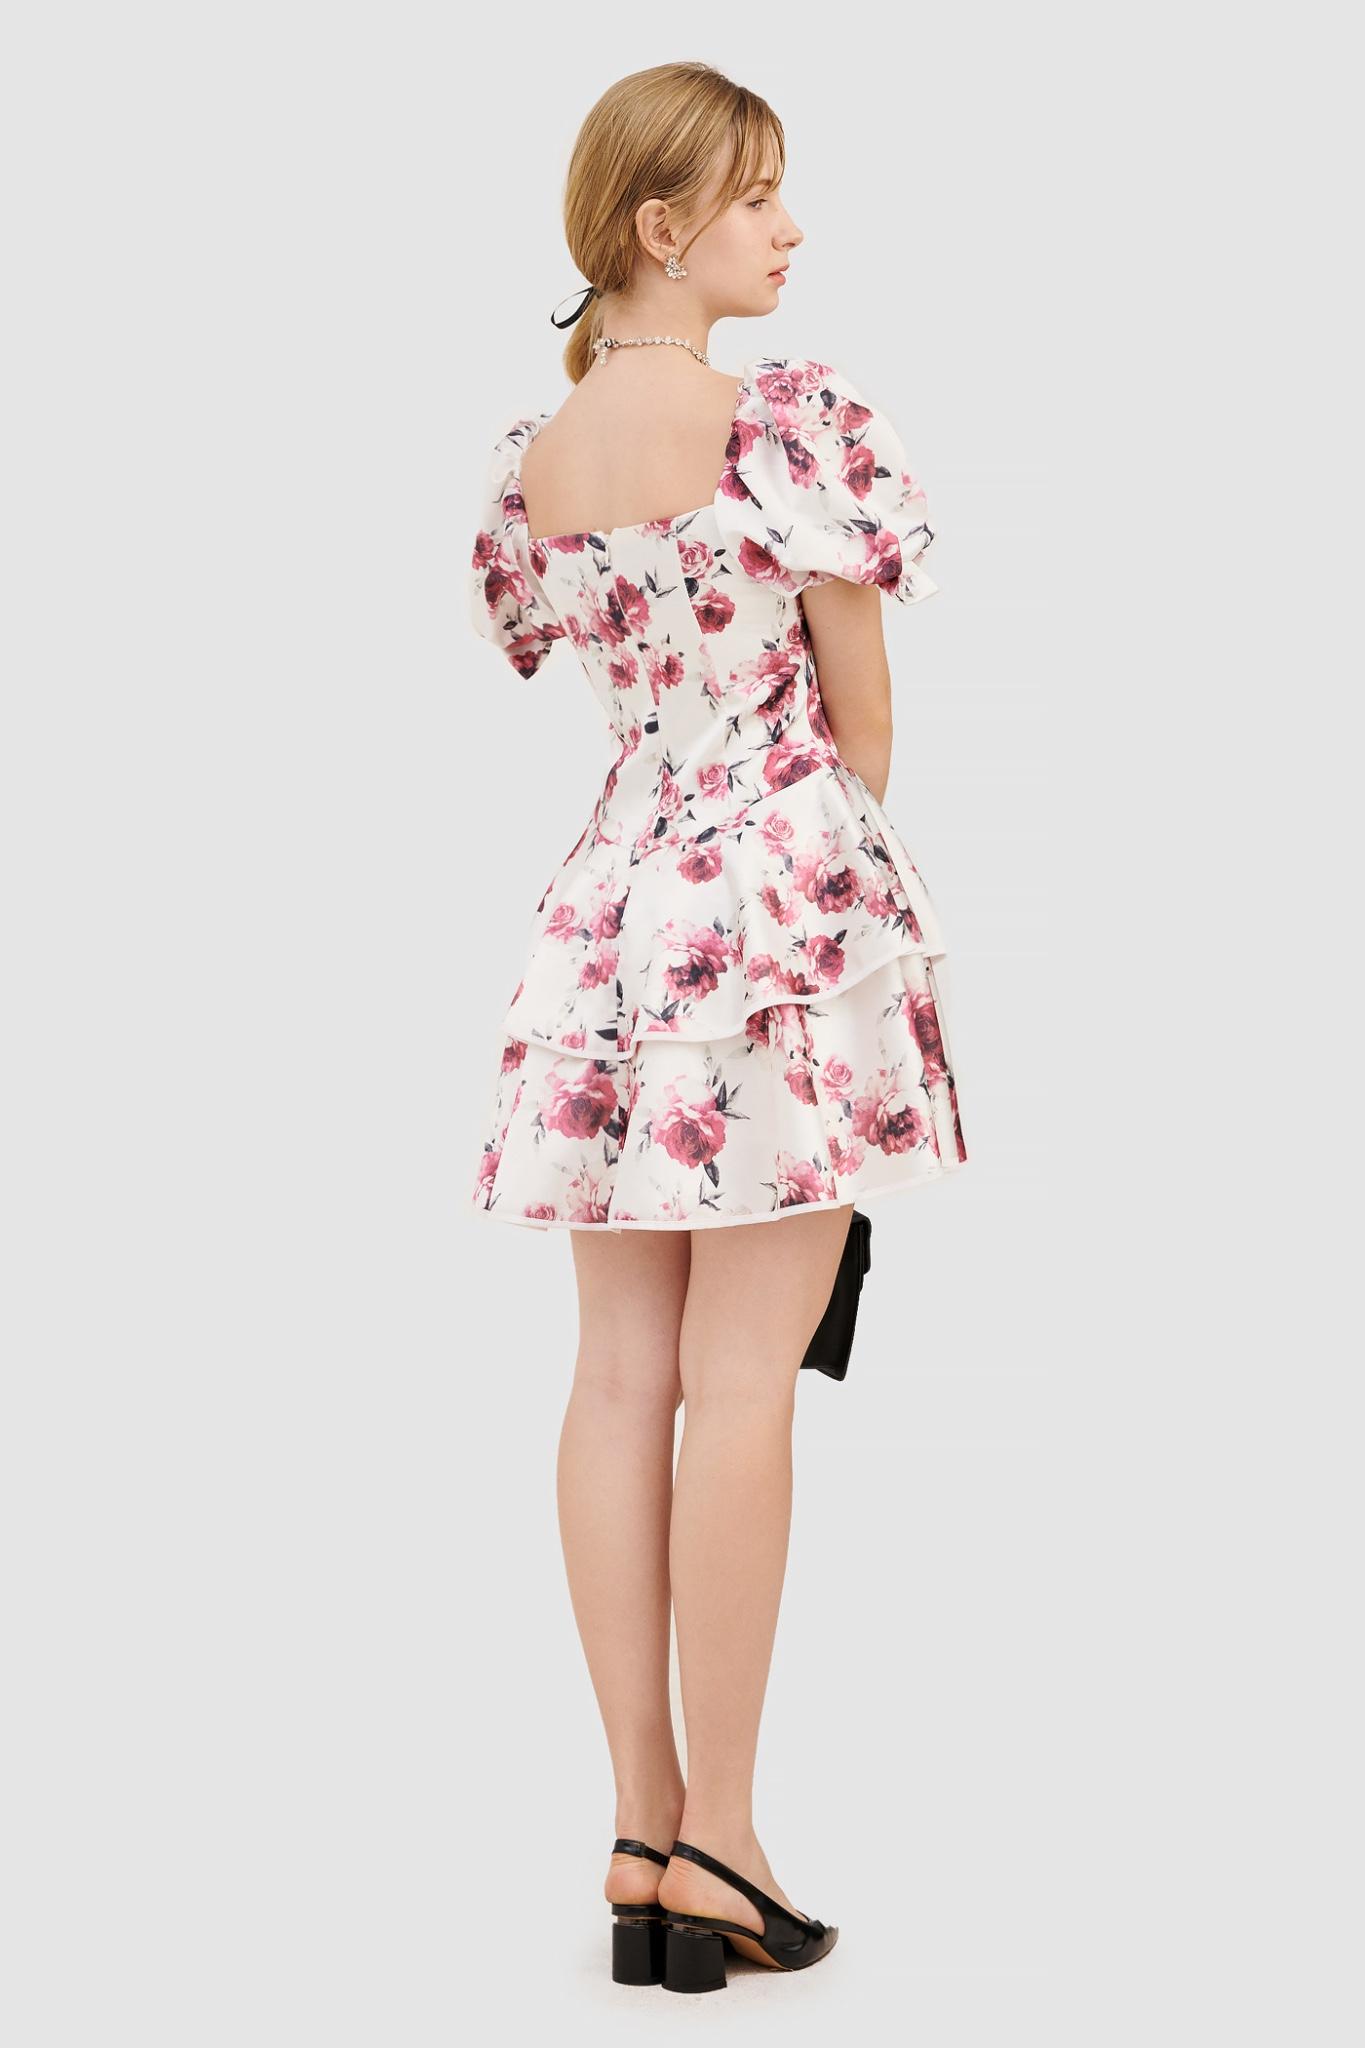 Đầm tay nhấn nơ 2 tầng hoạ tiết hoa